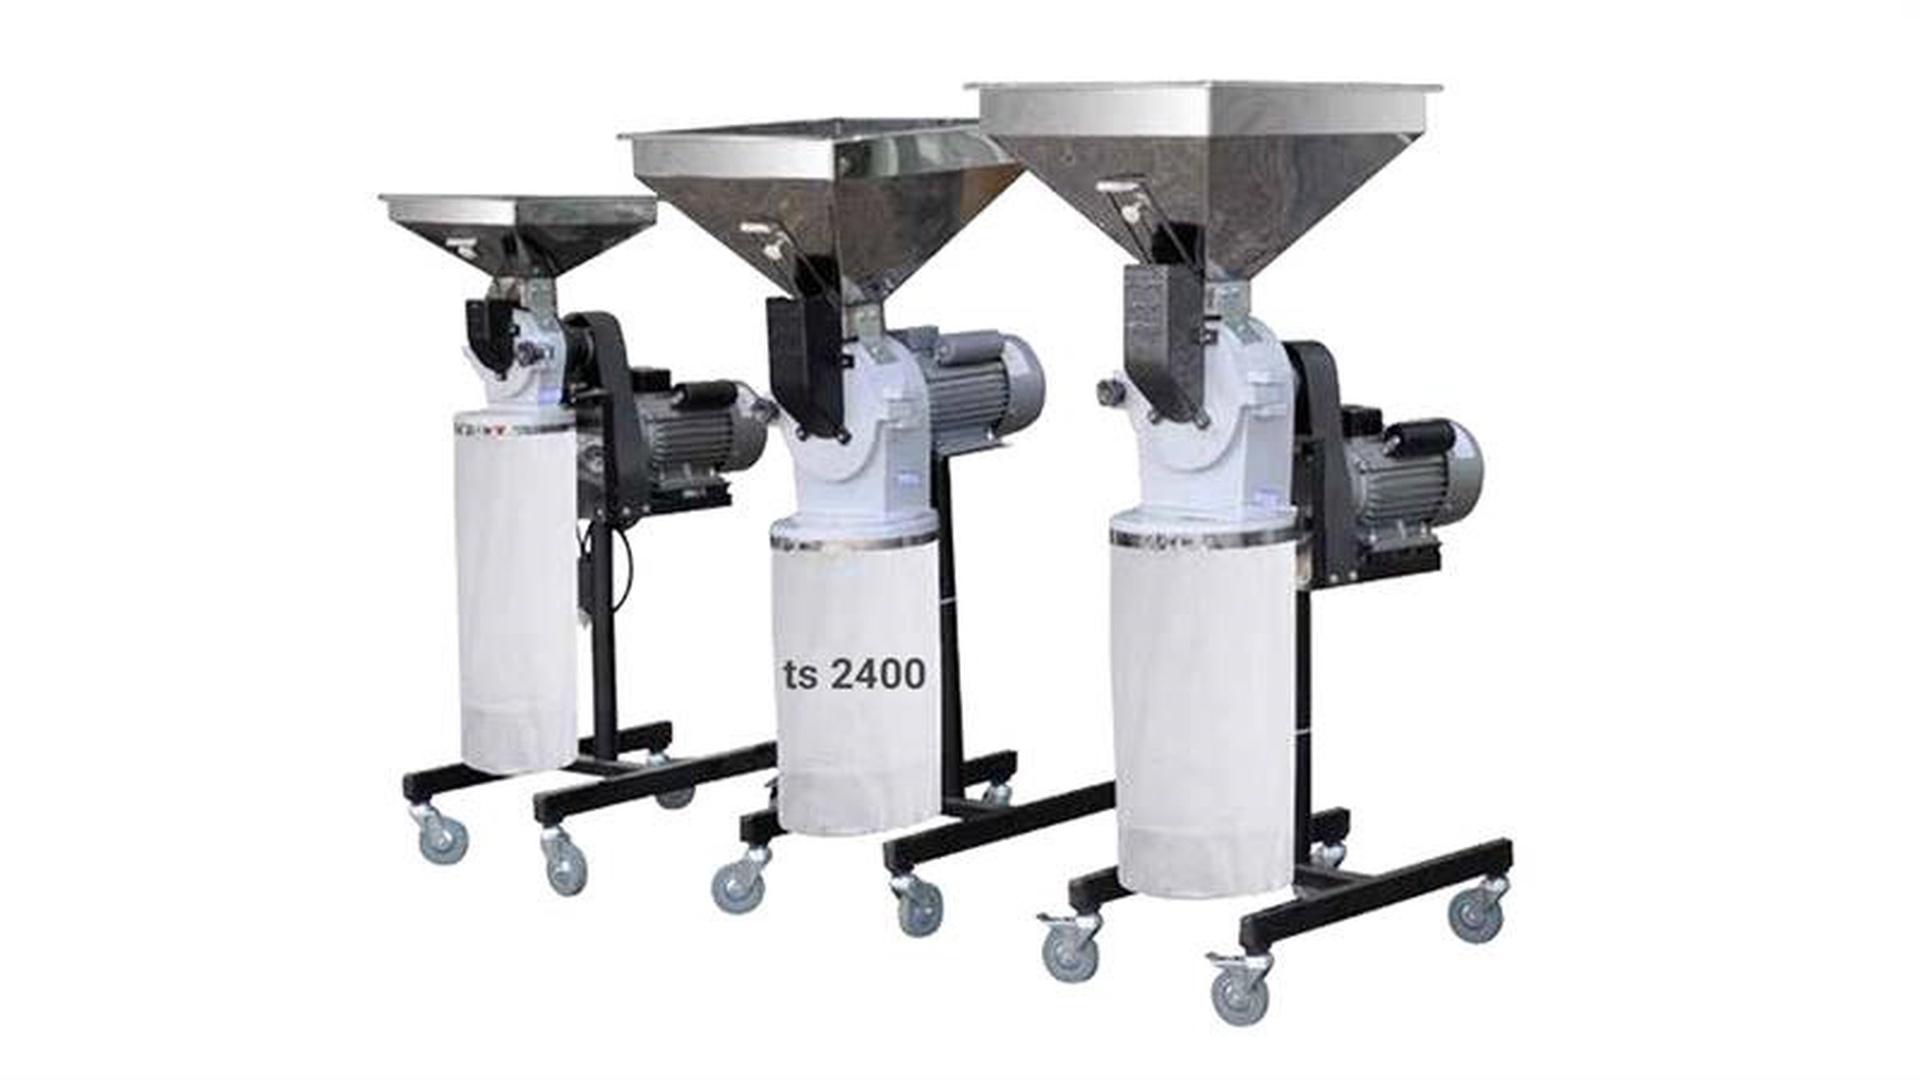 دستگاه آسیاب صنعتی مدل TS 2400